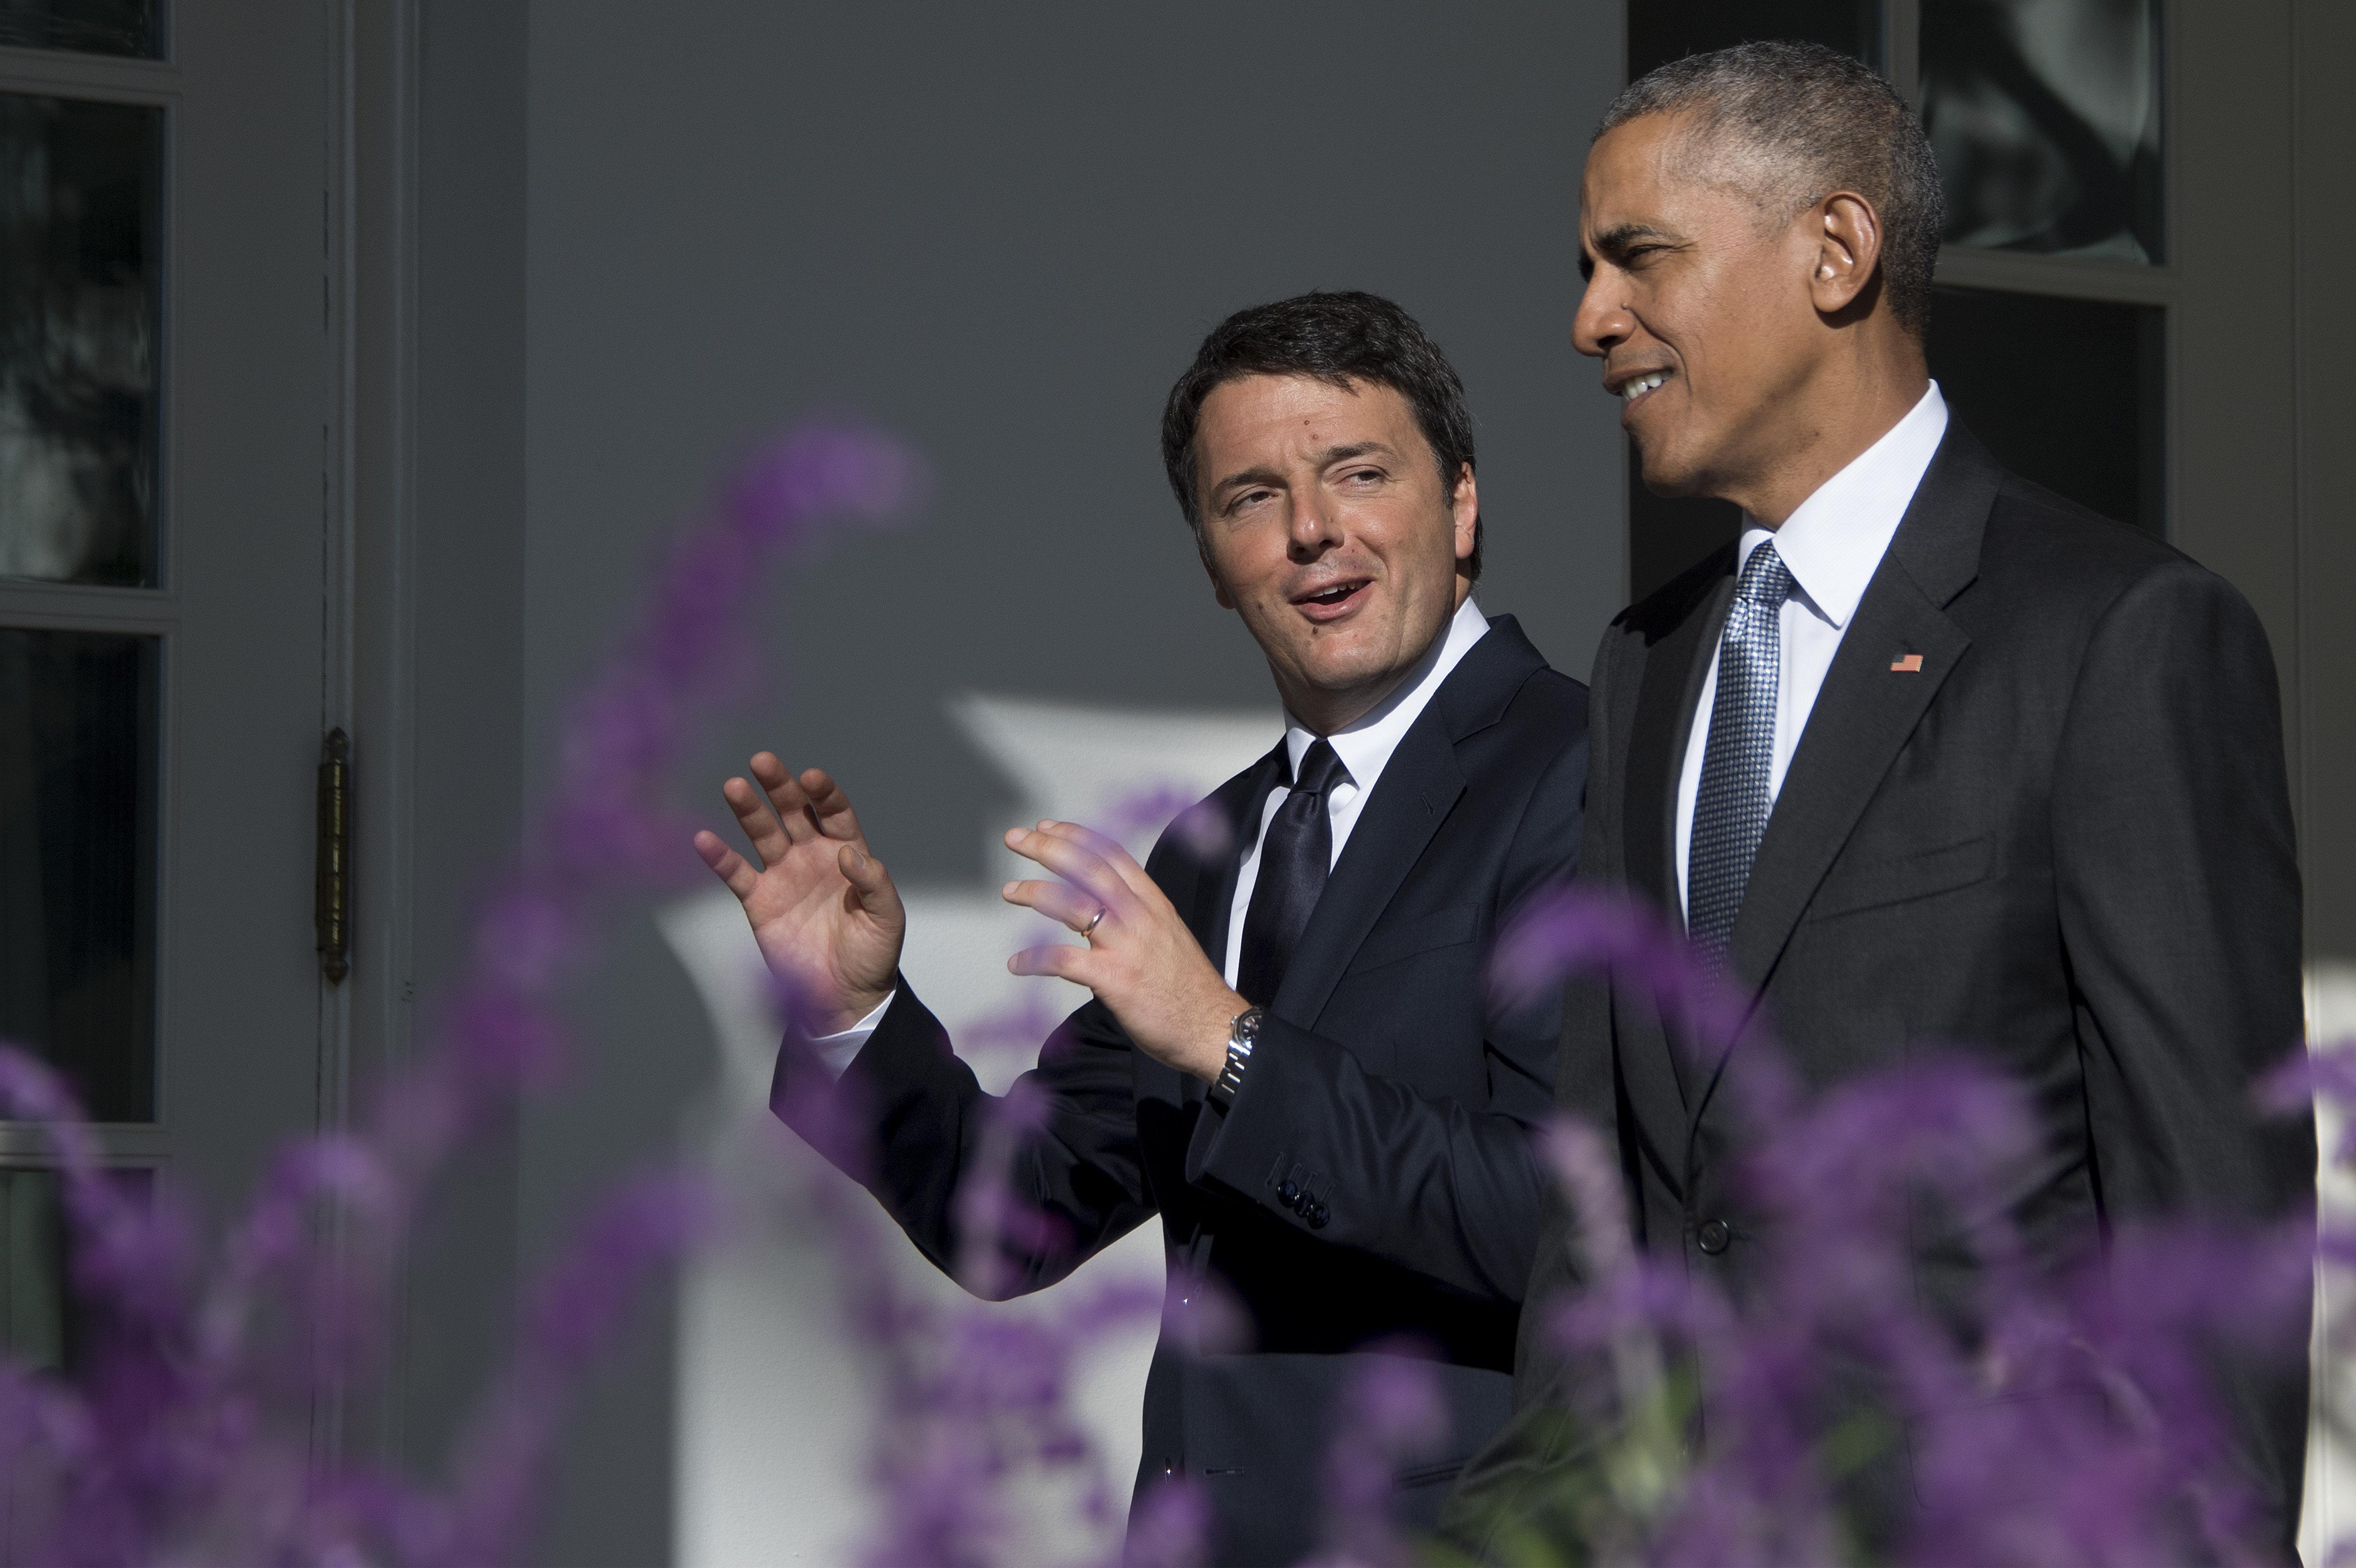 Italia-Usa, stretta di mano Obama-Renzi nello Studio Ovale